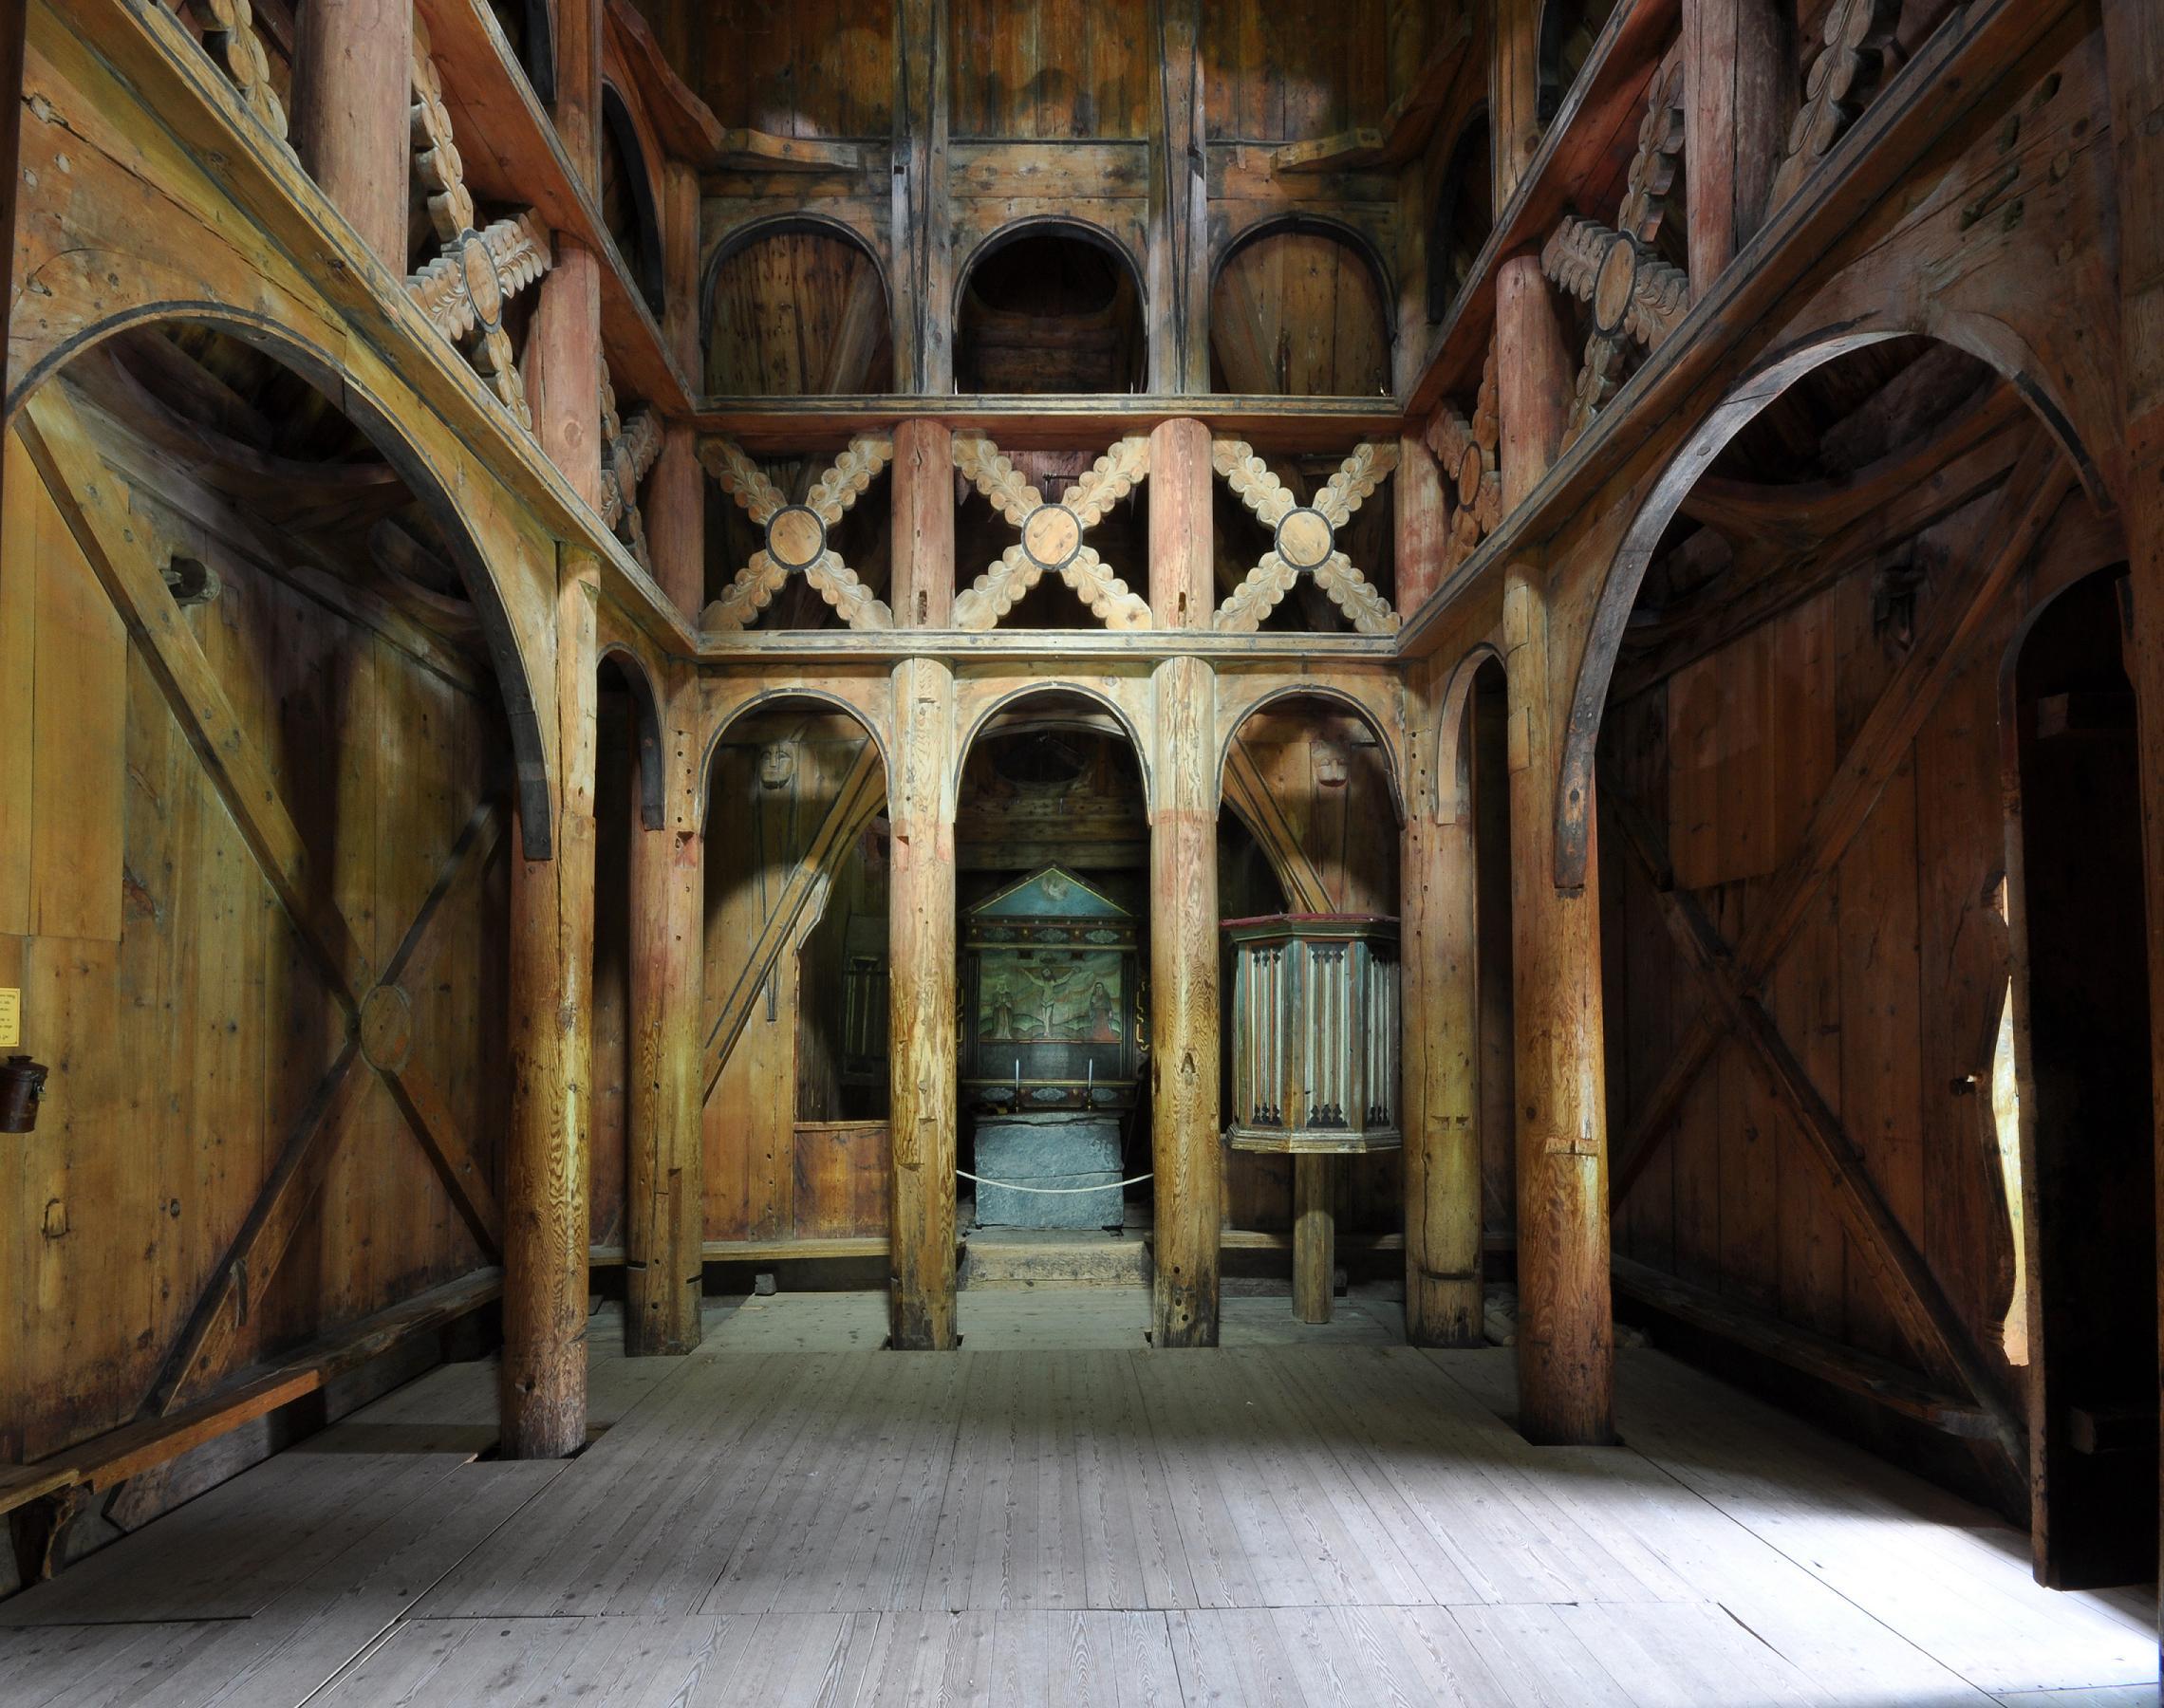 borgund-stave-church-interior